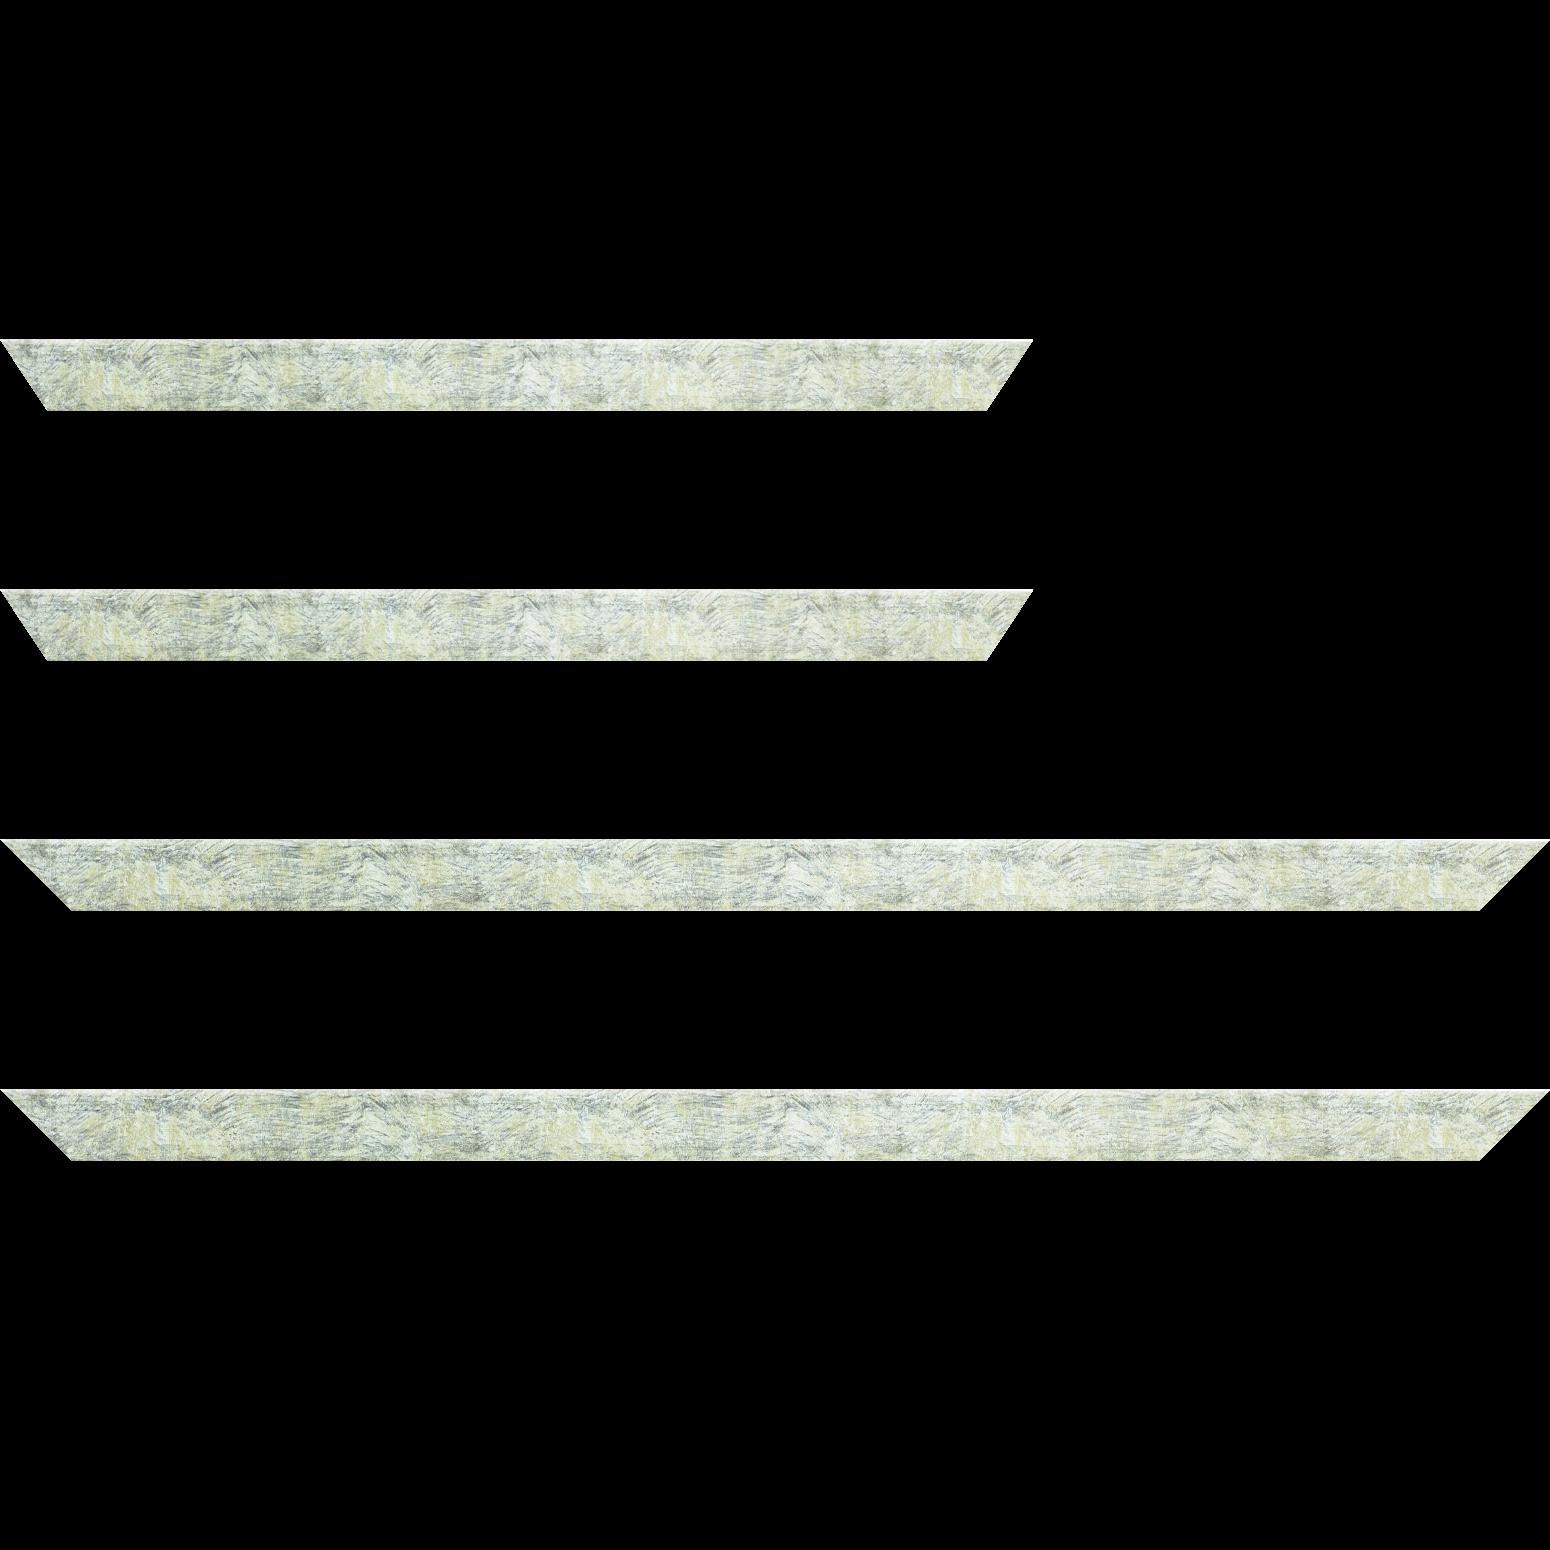 Baguette service précoupé Bois profil plat largeur 2.5cm hauteur 4.8cm argent effet marbré (hauteur feuillure 4.3cm )